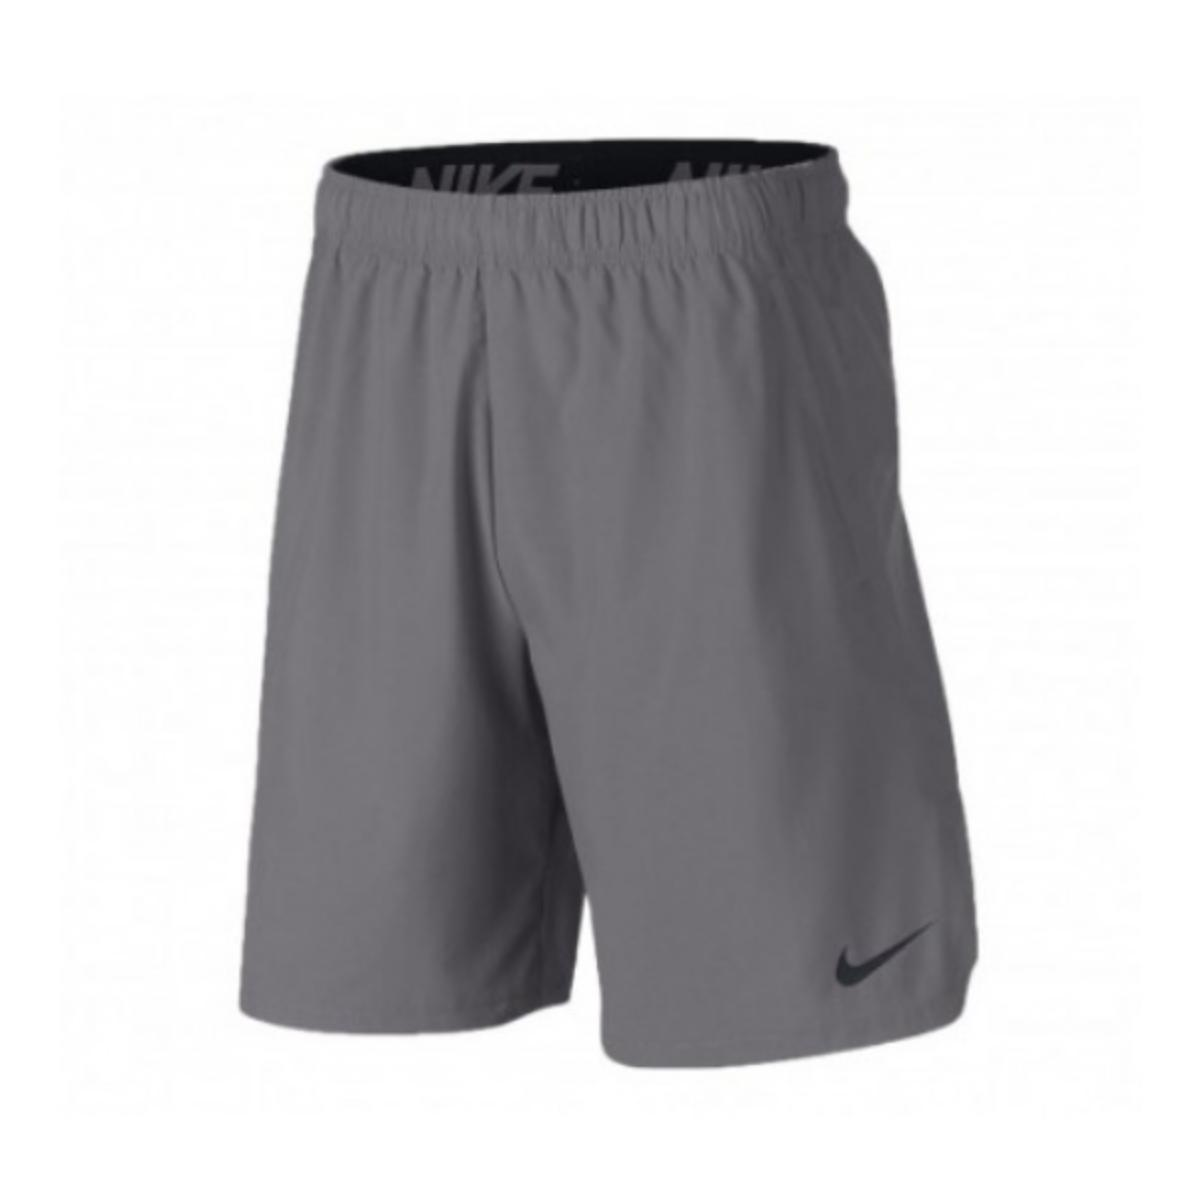 Calçao Masculino 927526-036 Nike Flex Cinza